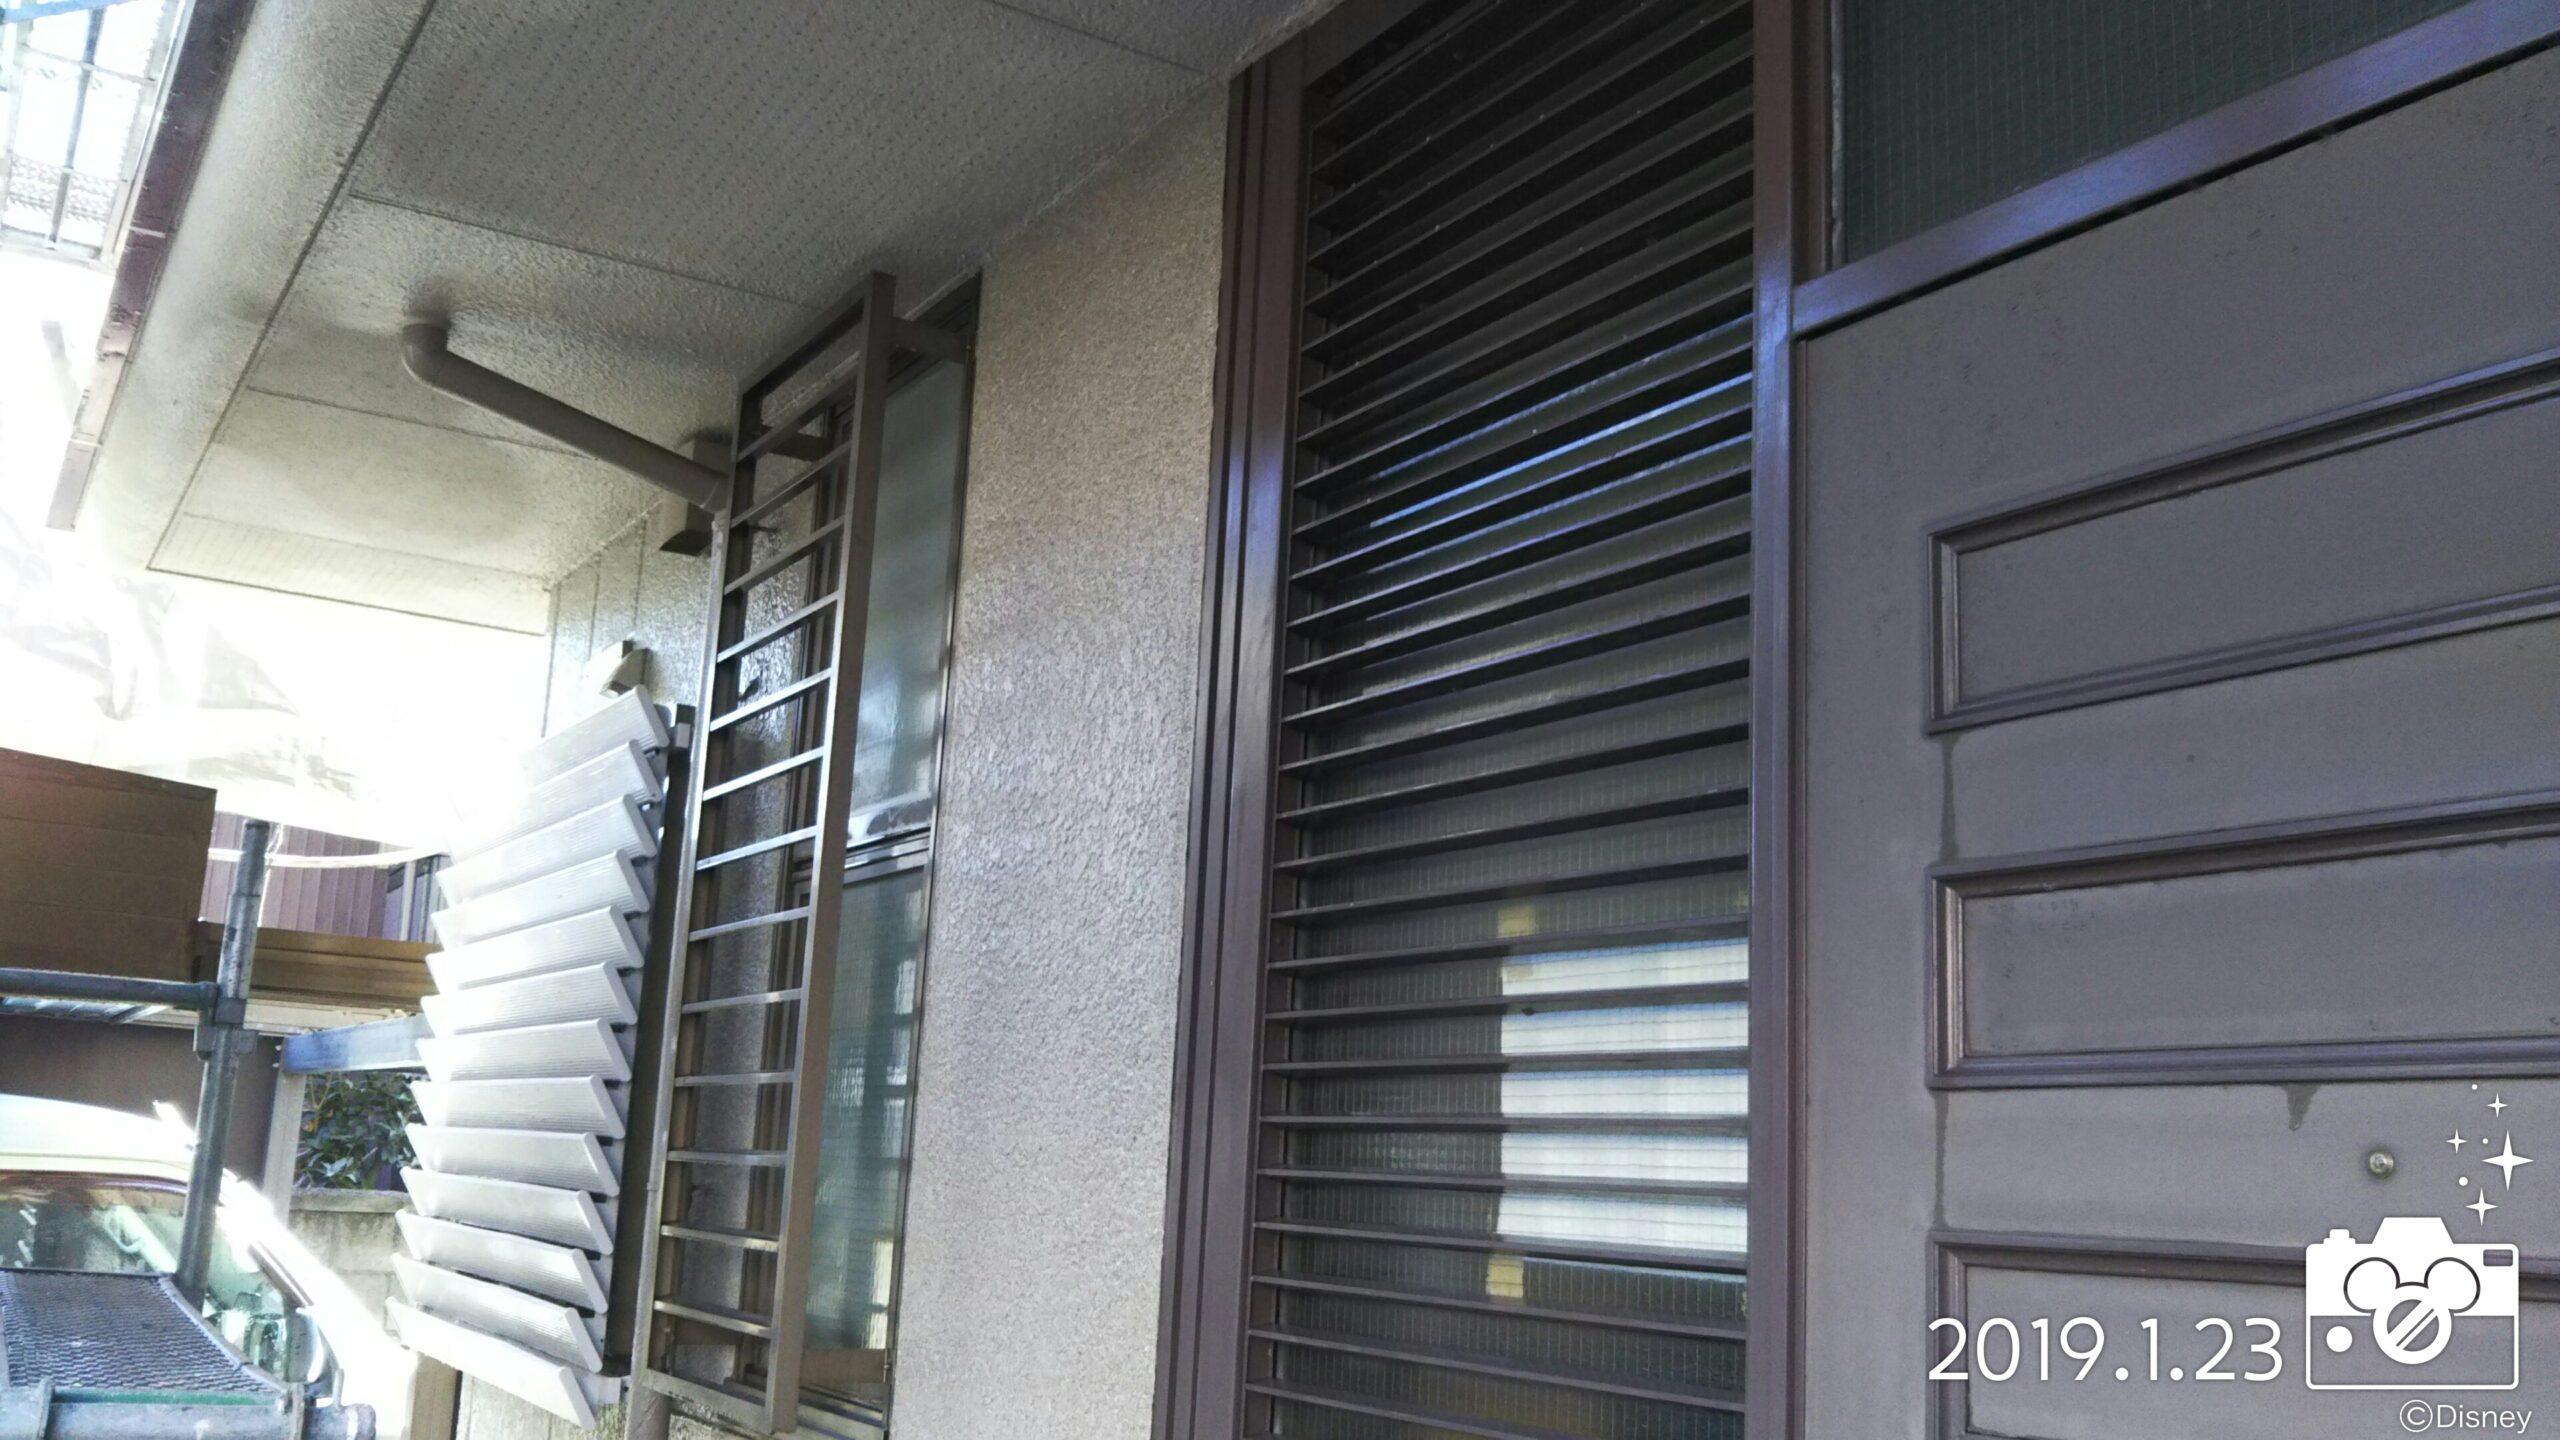 埼玉県さいたま市 外壁の高圧洗浄と養生作業|さいたま市中央区のT様邸(木造2階建て)にて塗り替えリフォーム中